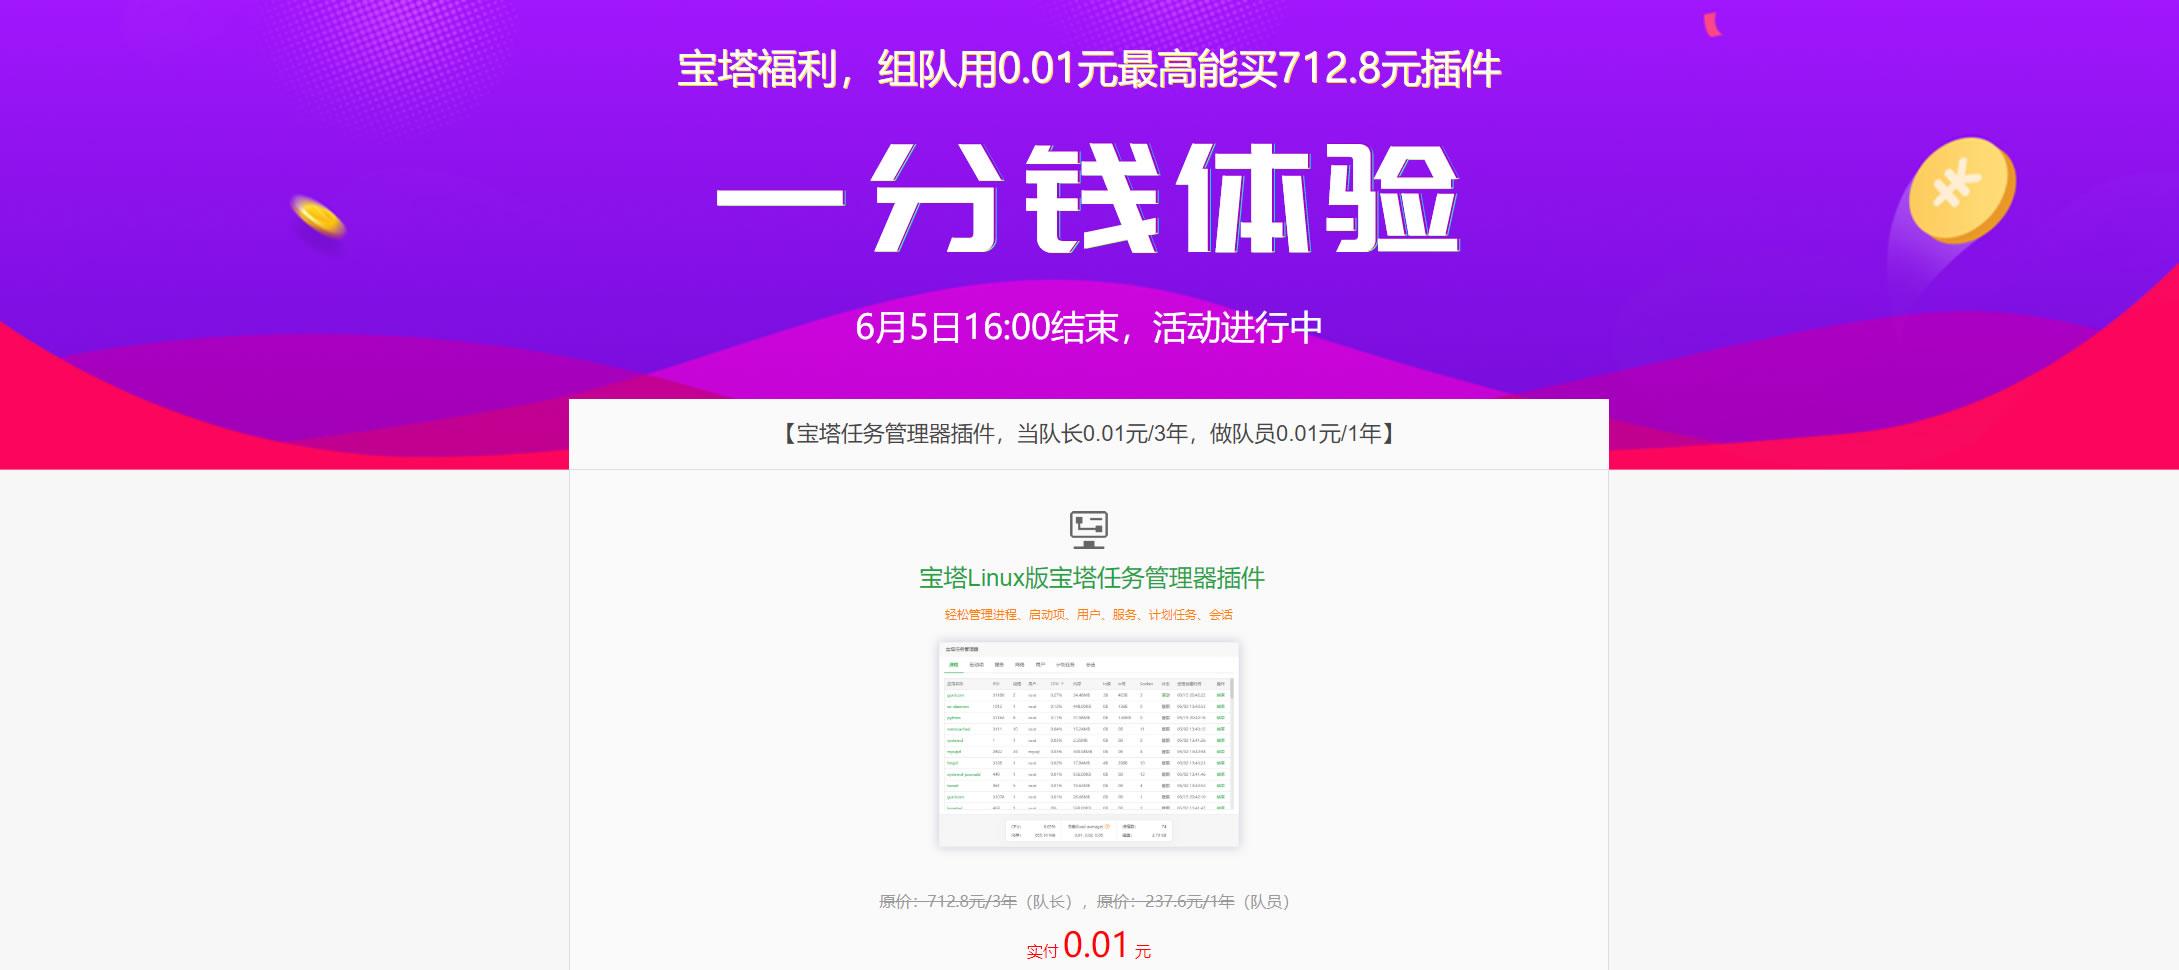 宝塔面板官方送福利,1分钱最高体验价值712.8元的Linux版插件活动